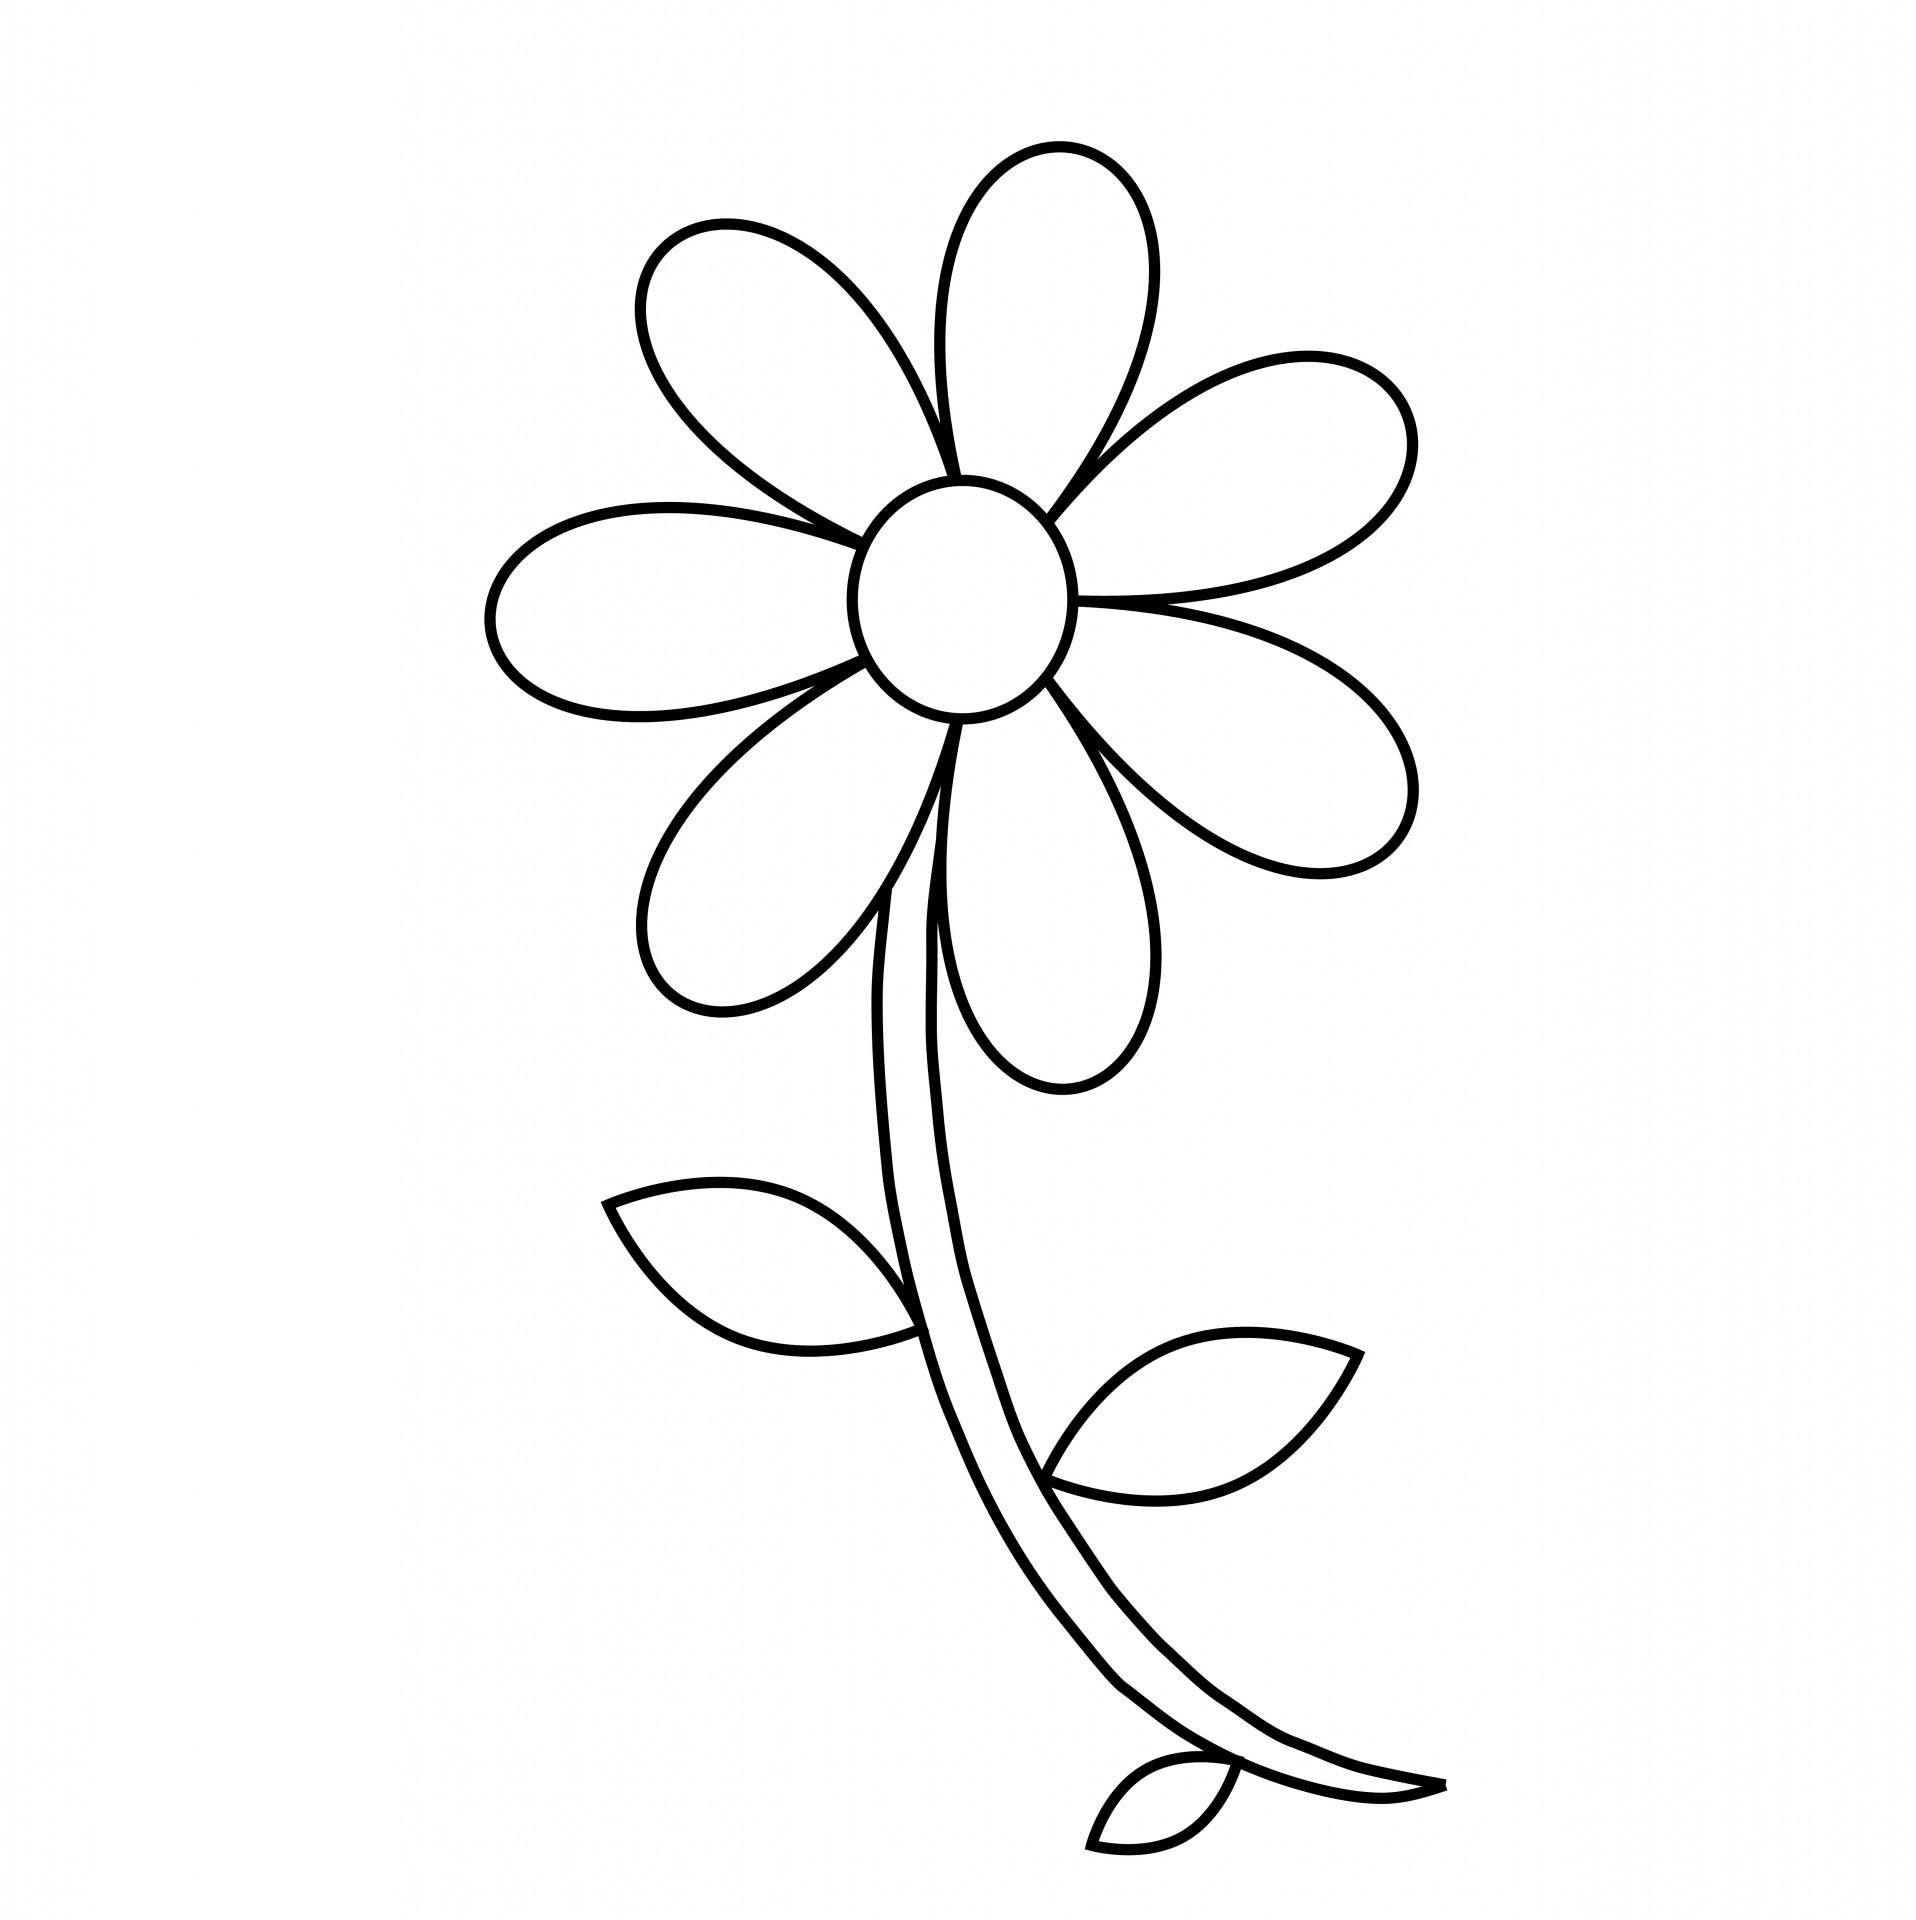 Black And White Flower Outline